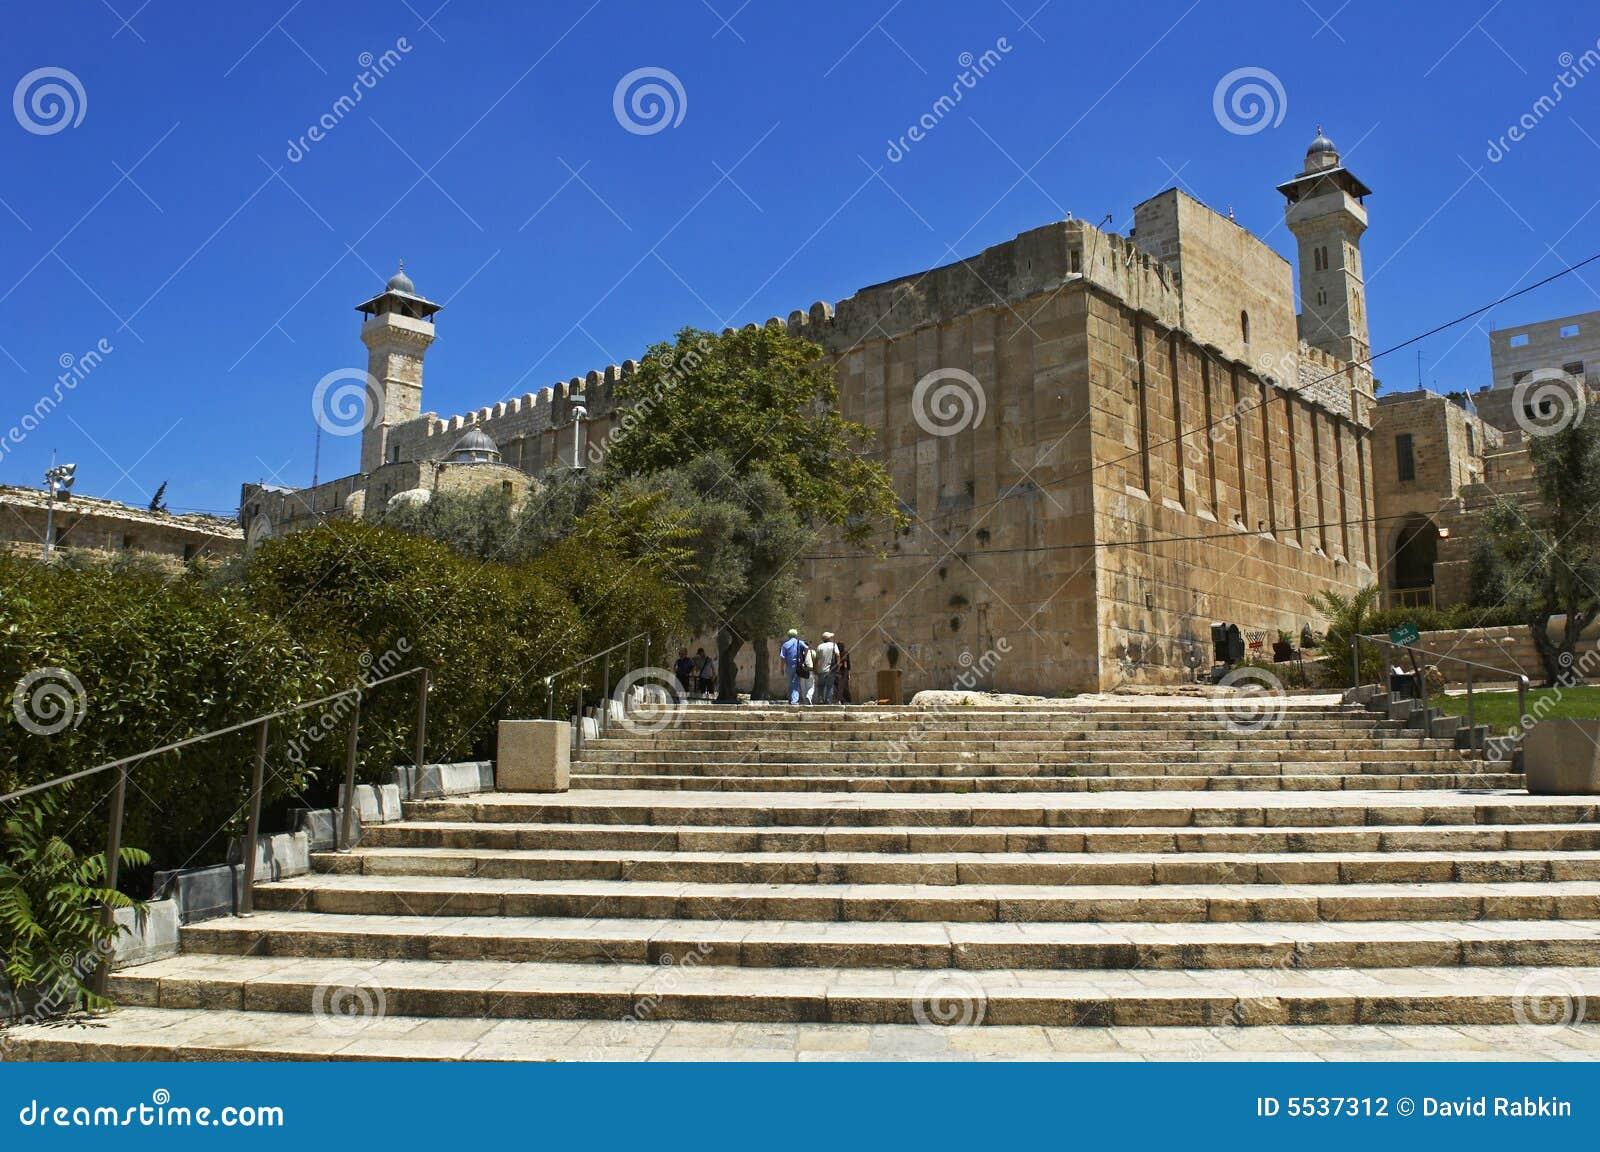 Höhle der Patriarchen